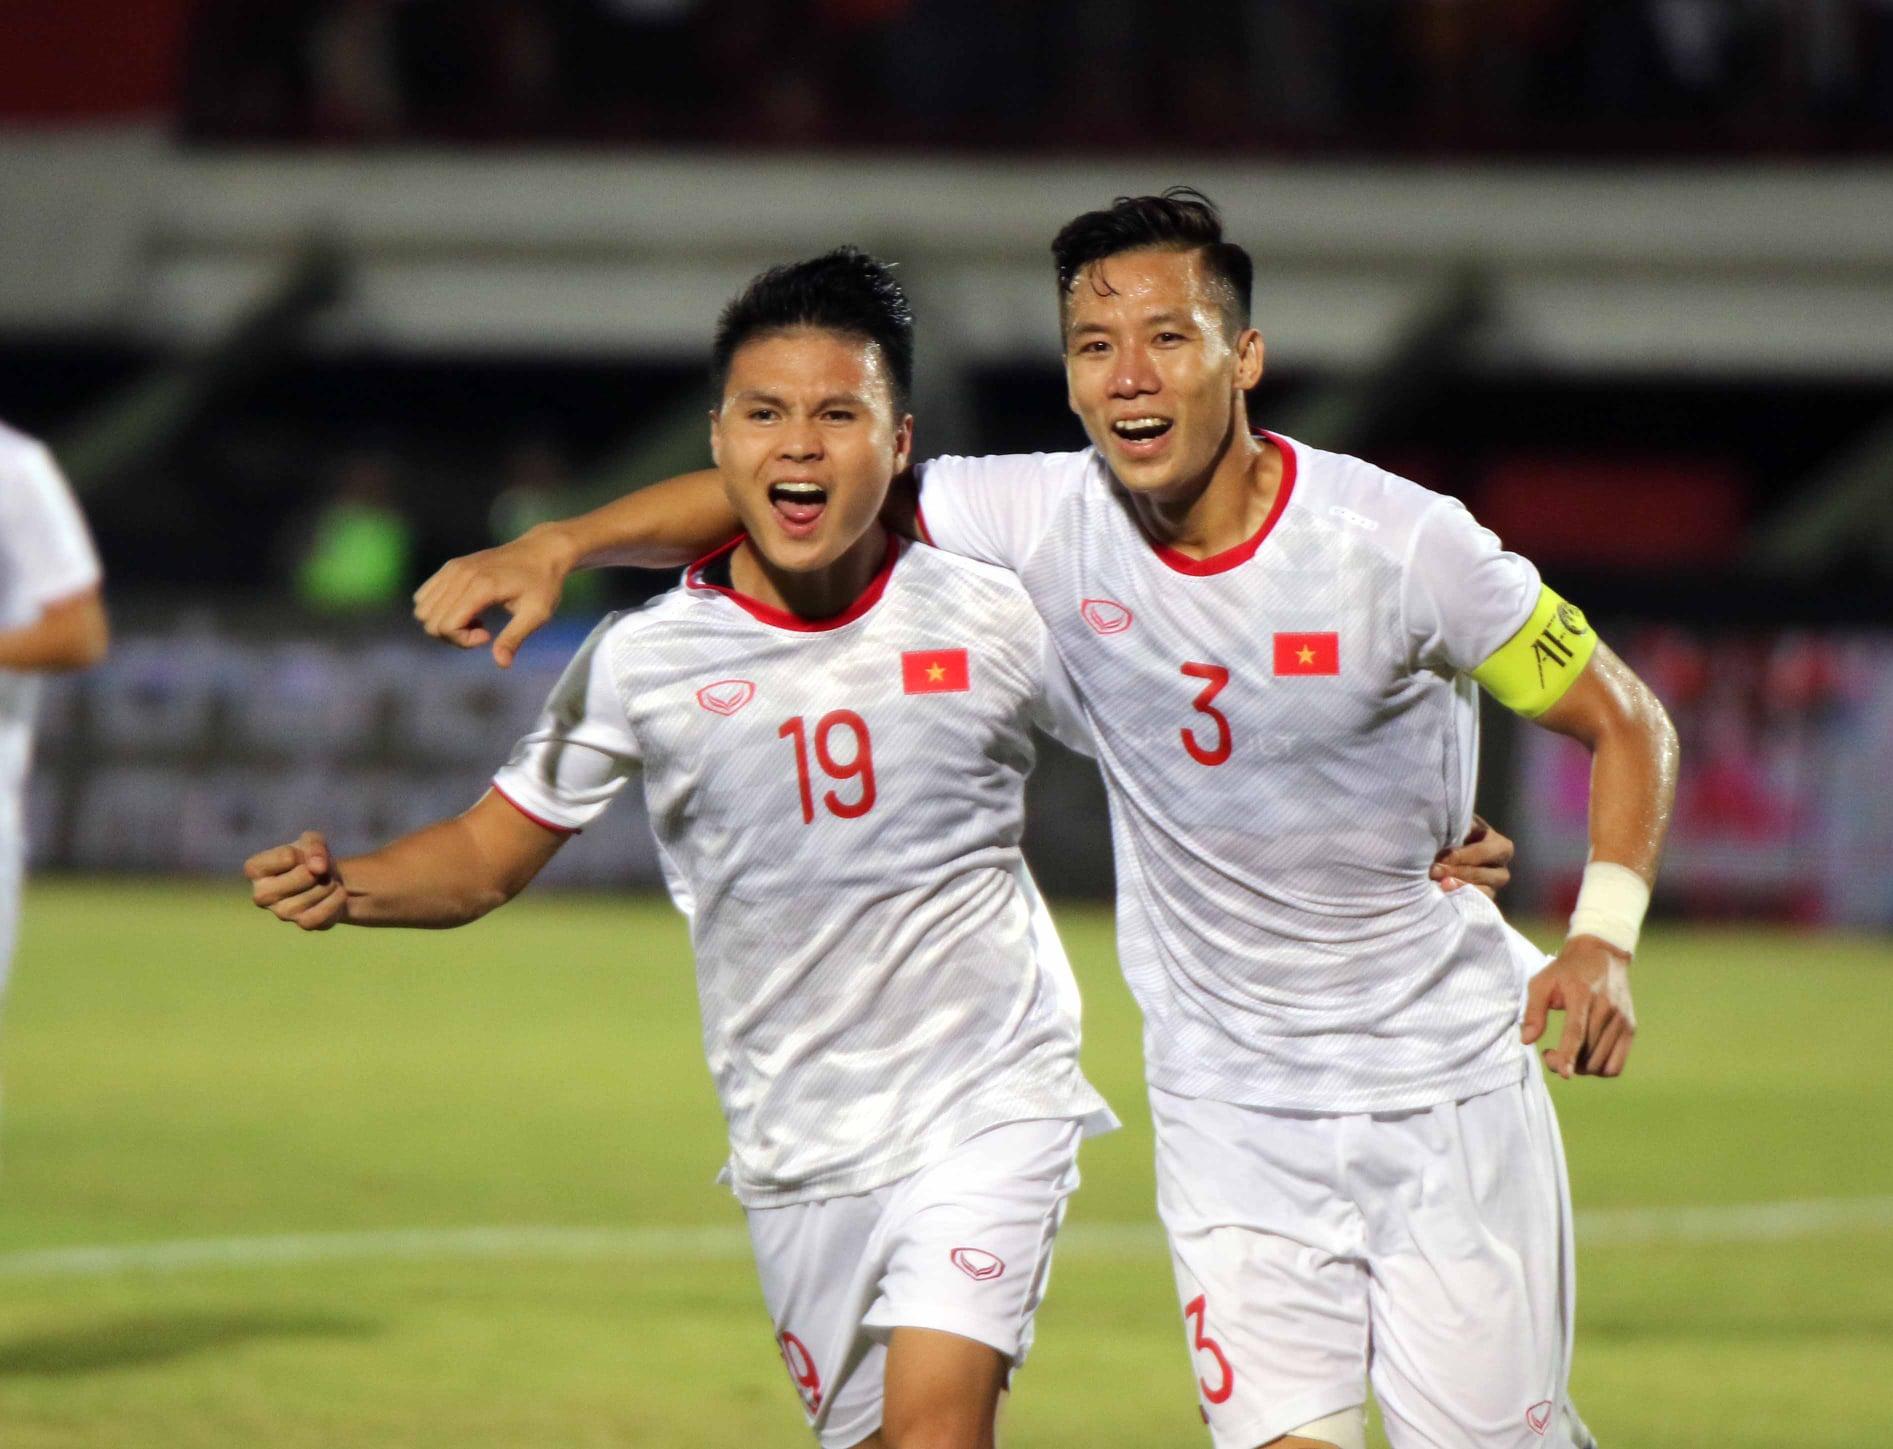 Trang chủ FIFA nói gì về chiến thắng của ĐT Việt Nam? - Bóng Đá